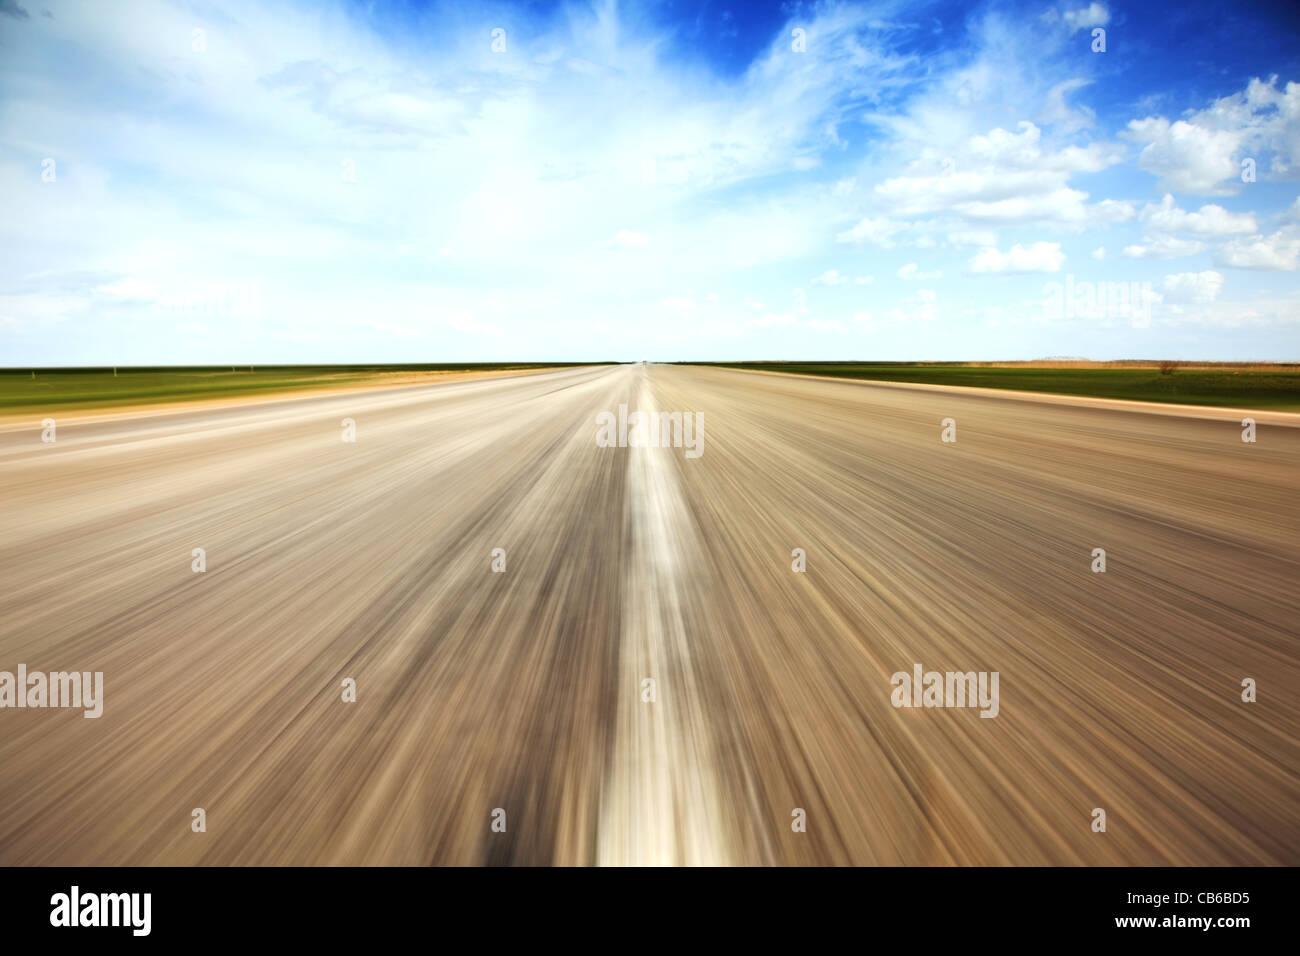 Concept de vitesse. Vieille route de campagne vide s'étend en perspective. Photo Stock